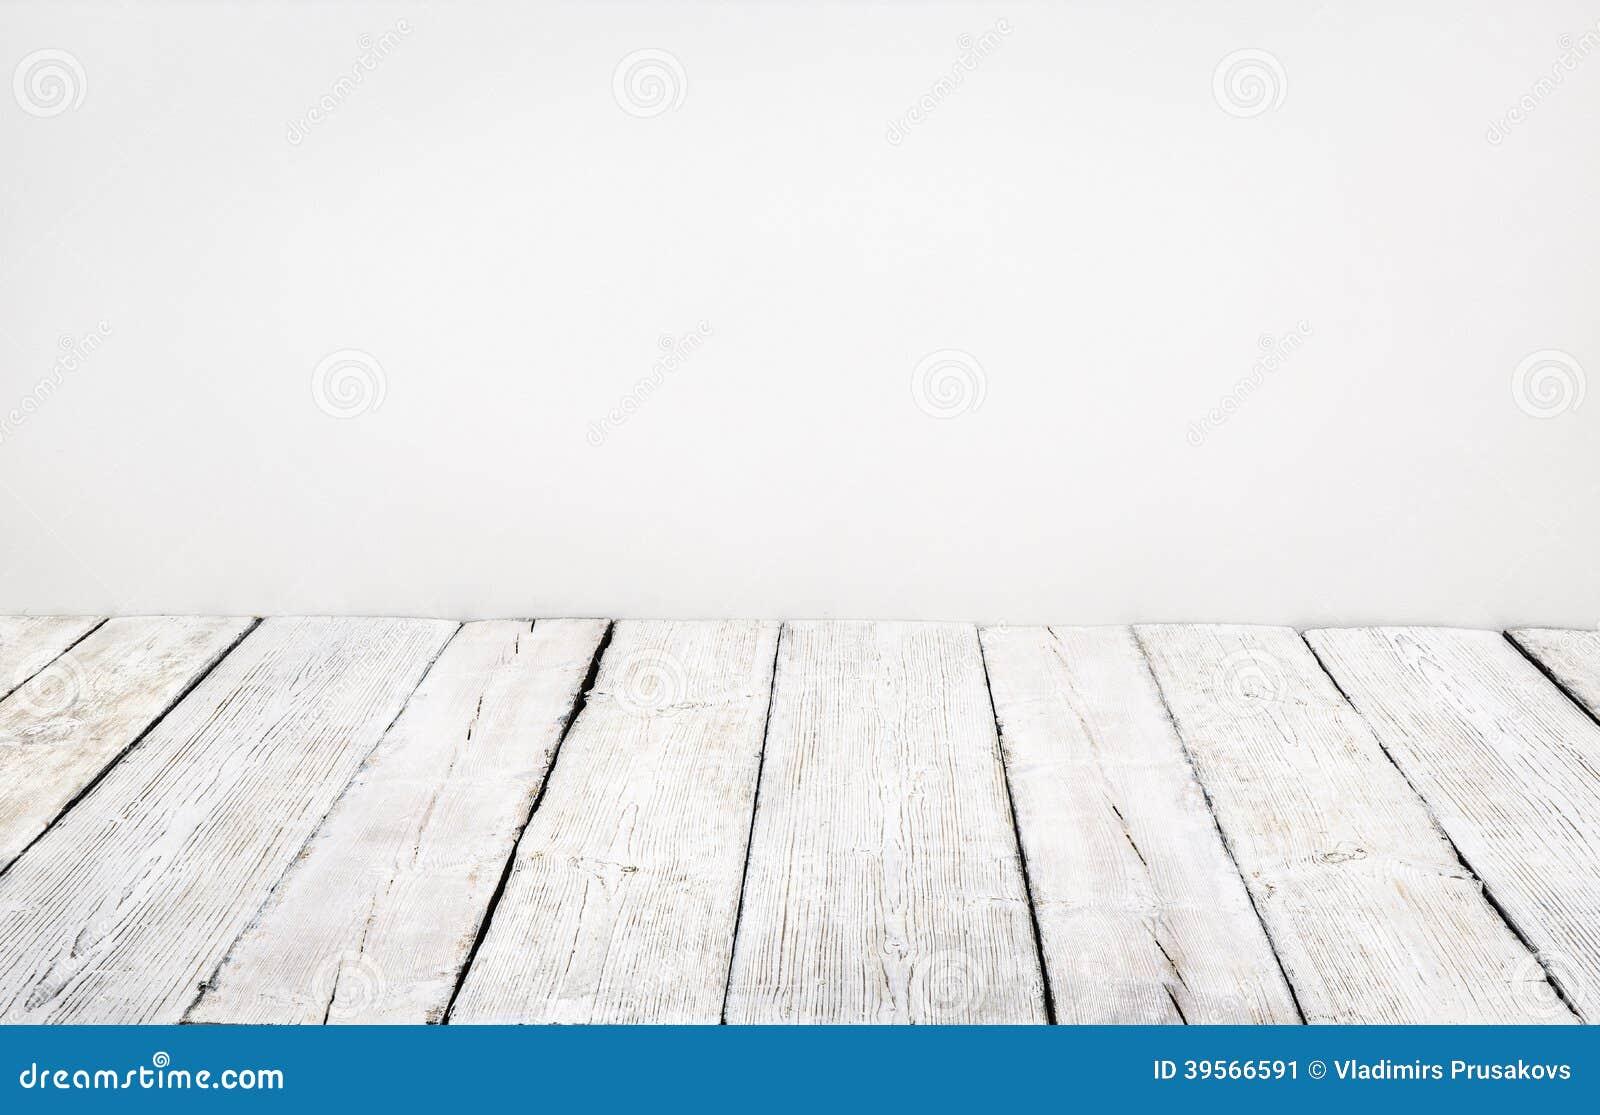 Деревянный пол, старая деревянная планка, белый интерьер комнаты правления